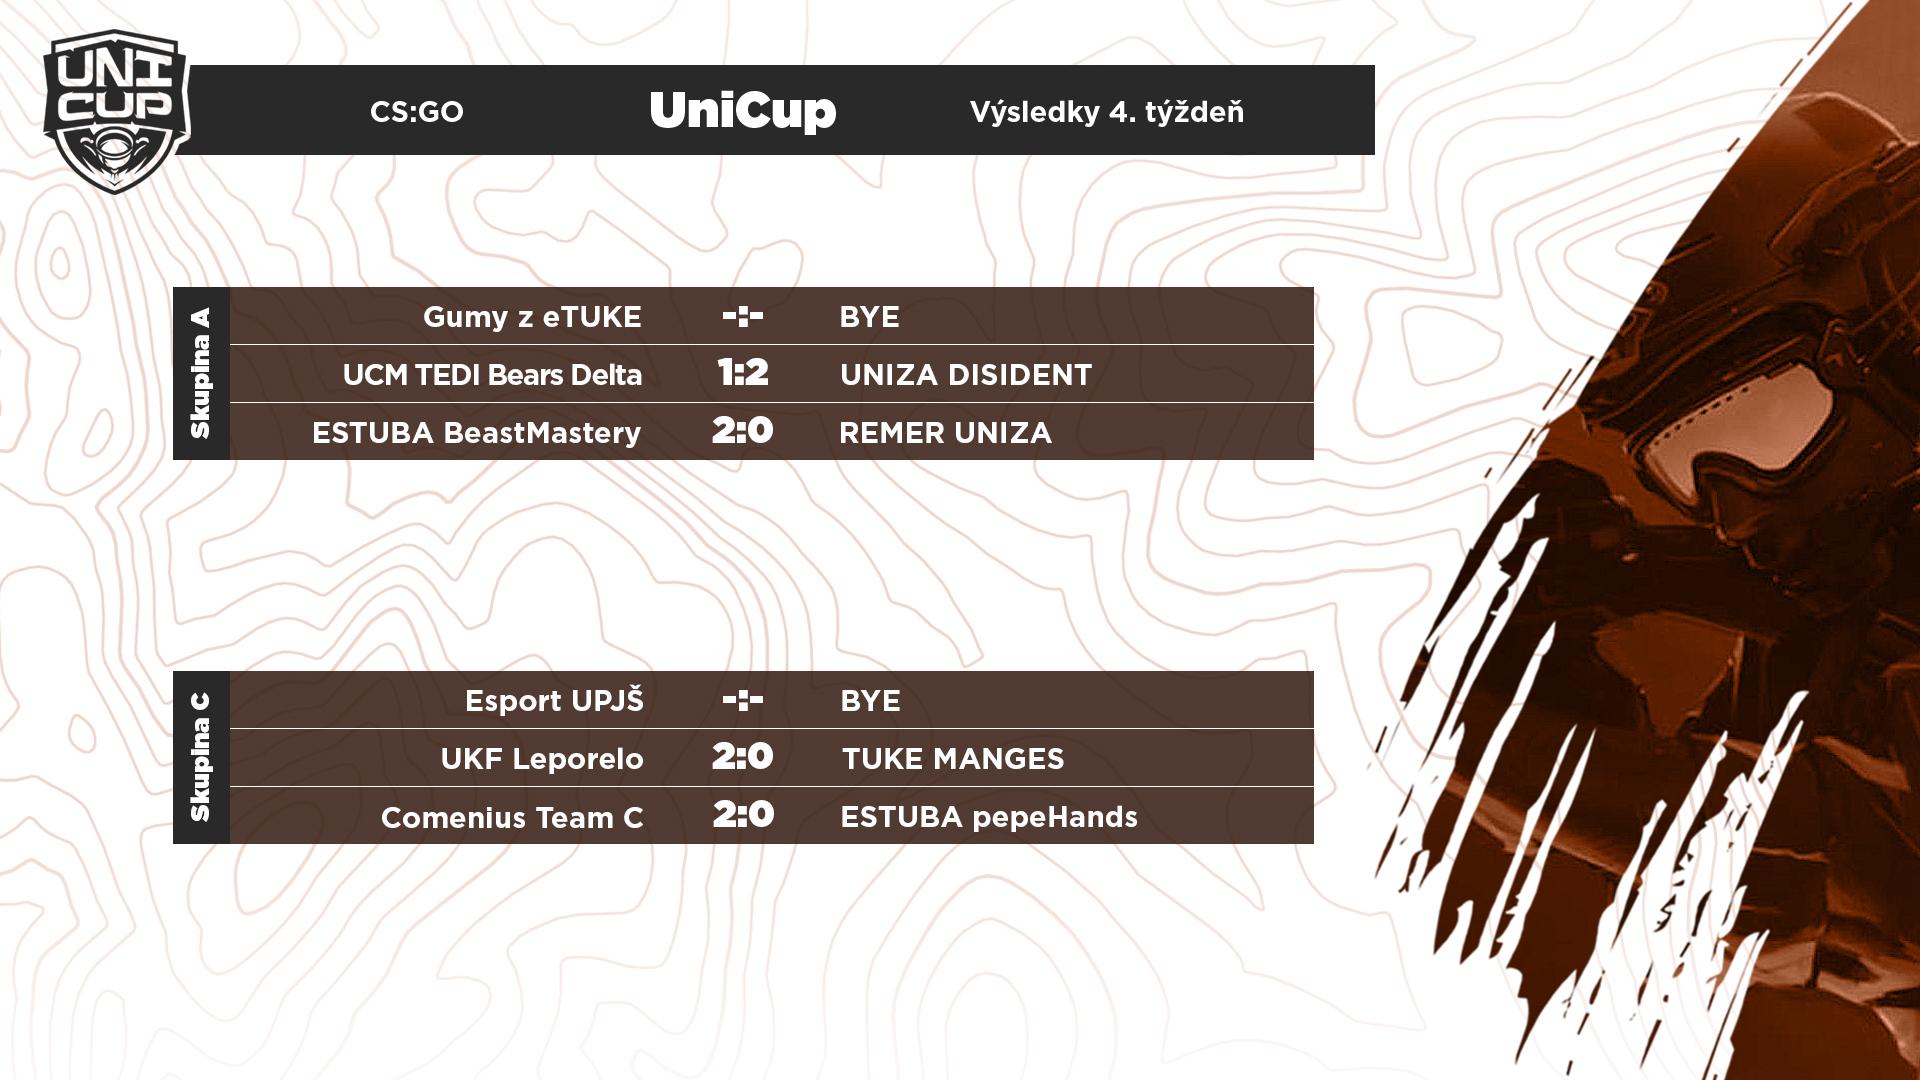 Výsledky zápasov v CS:GO skupín A až D.